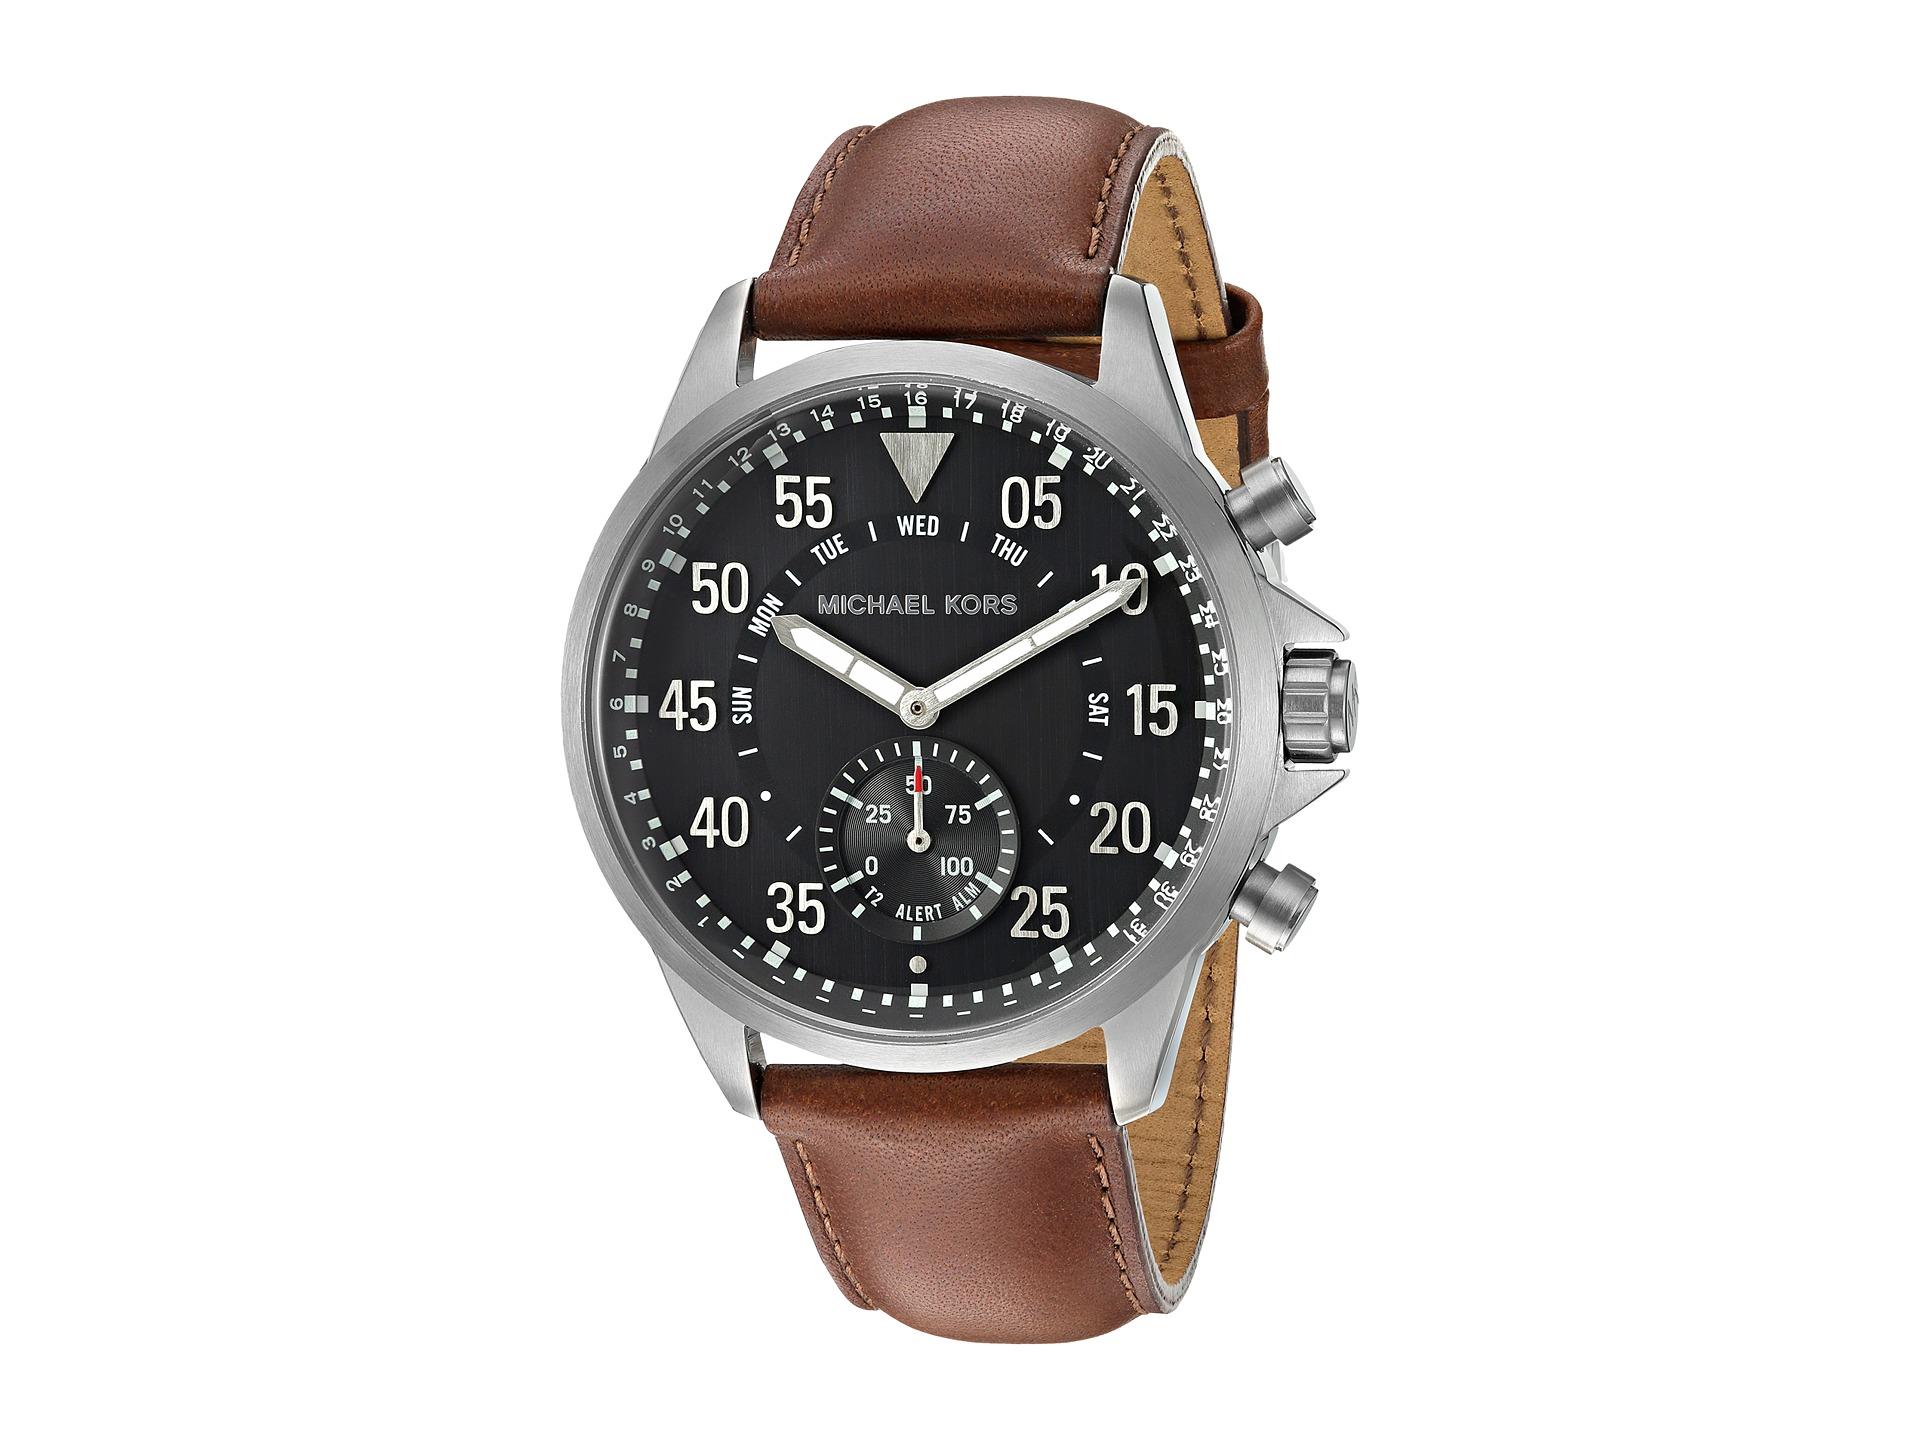 michael kors access gage hybrid smartwatch mkt4001 at. Black Bedroom Furniture Sets. Home Design Ideas